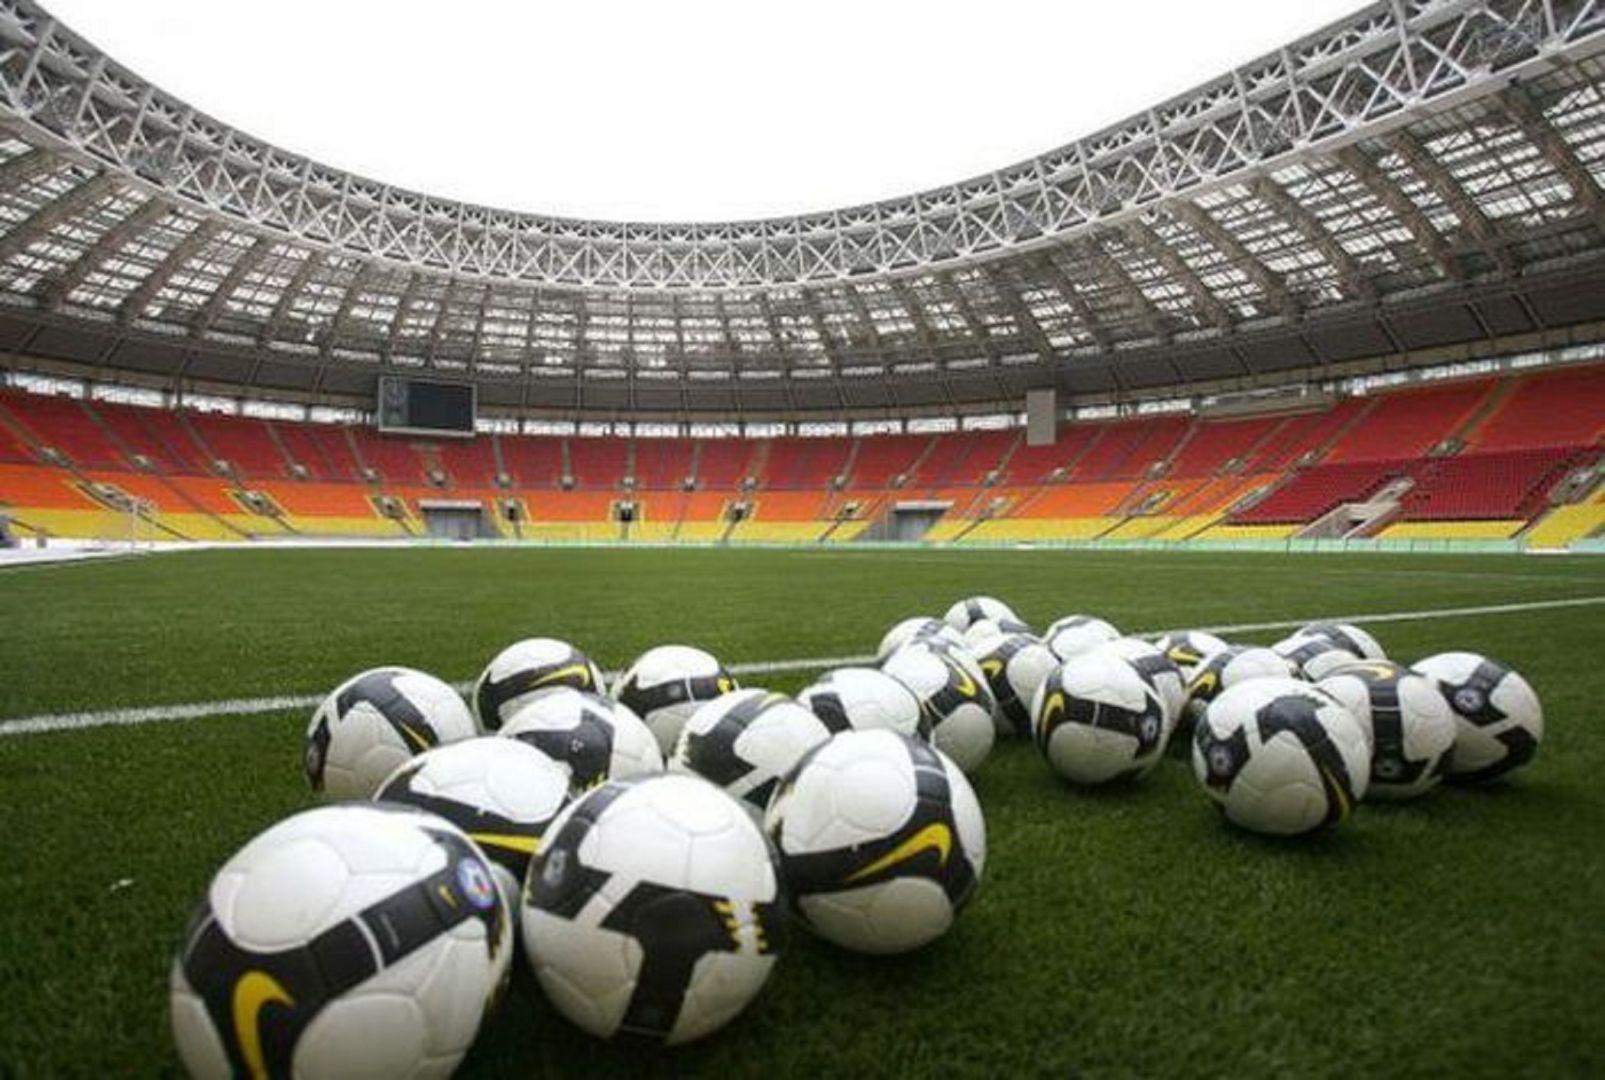 Ставропольские юные футболисты смогут посетить игры чемпионата мира по футболу 2018 года